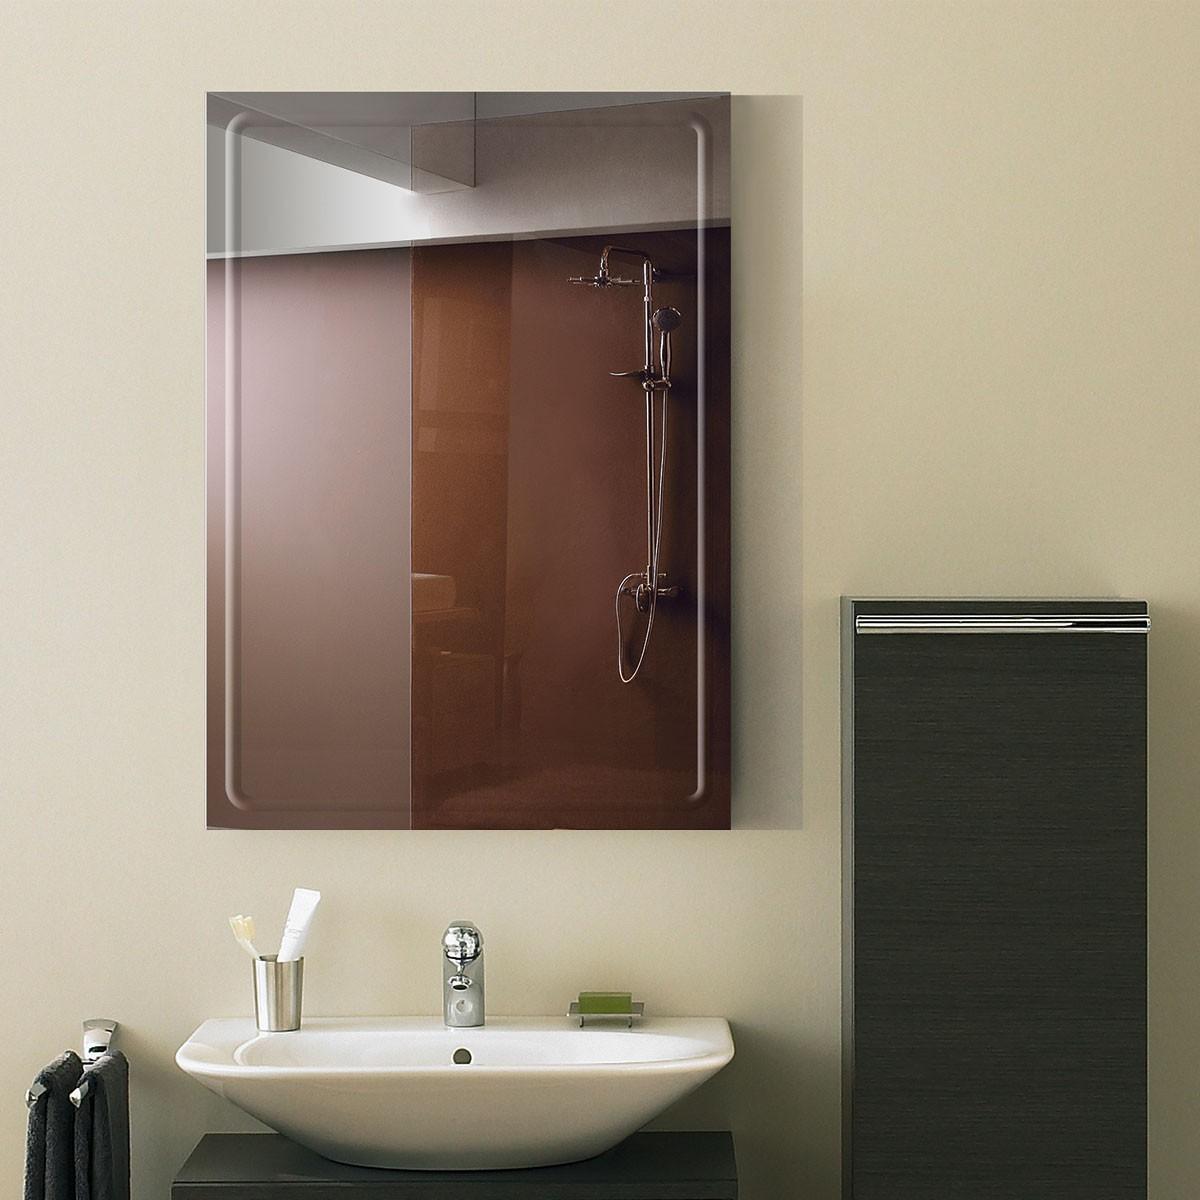 20 x 28 po Miroir Mural Salle de Bain Classique Rectangulaire sans Cadre - Accrochage Vertical (DK-OD-B048B)